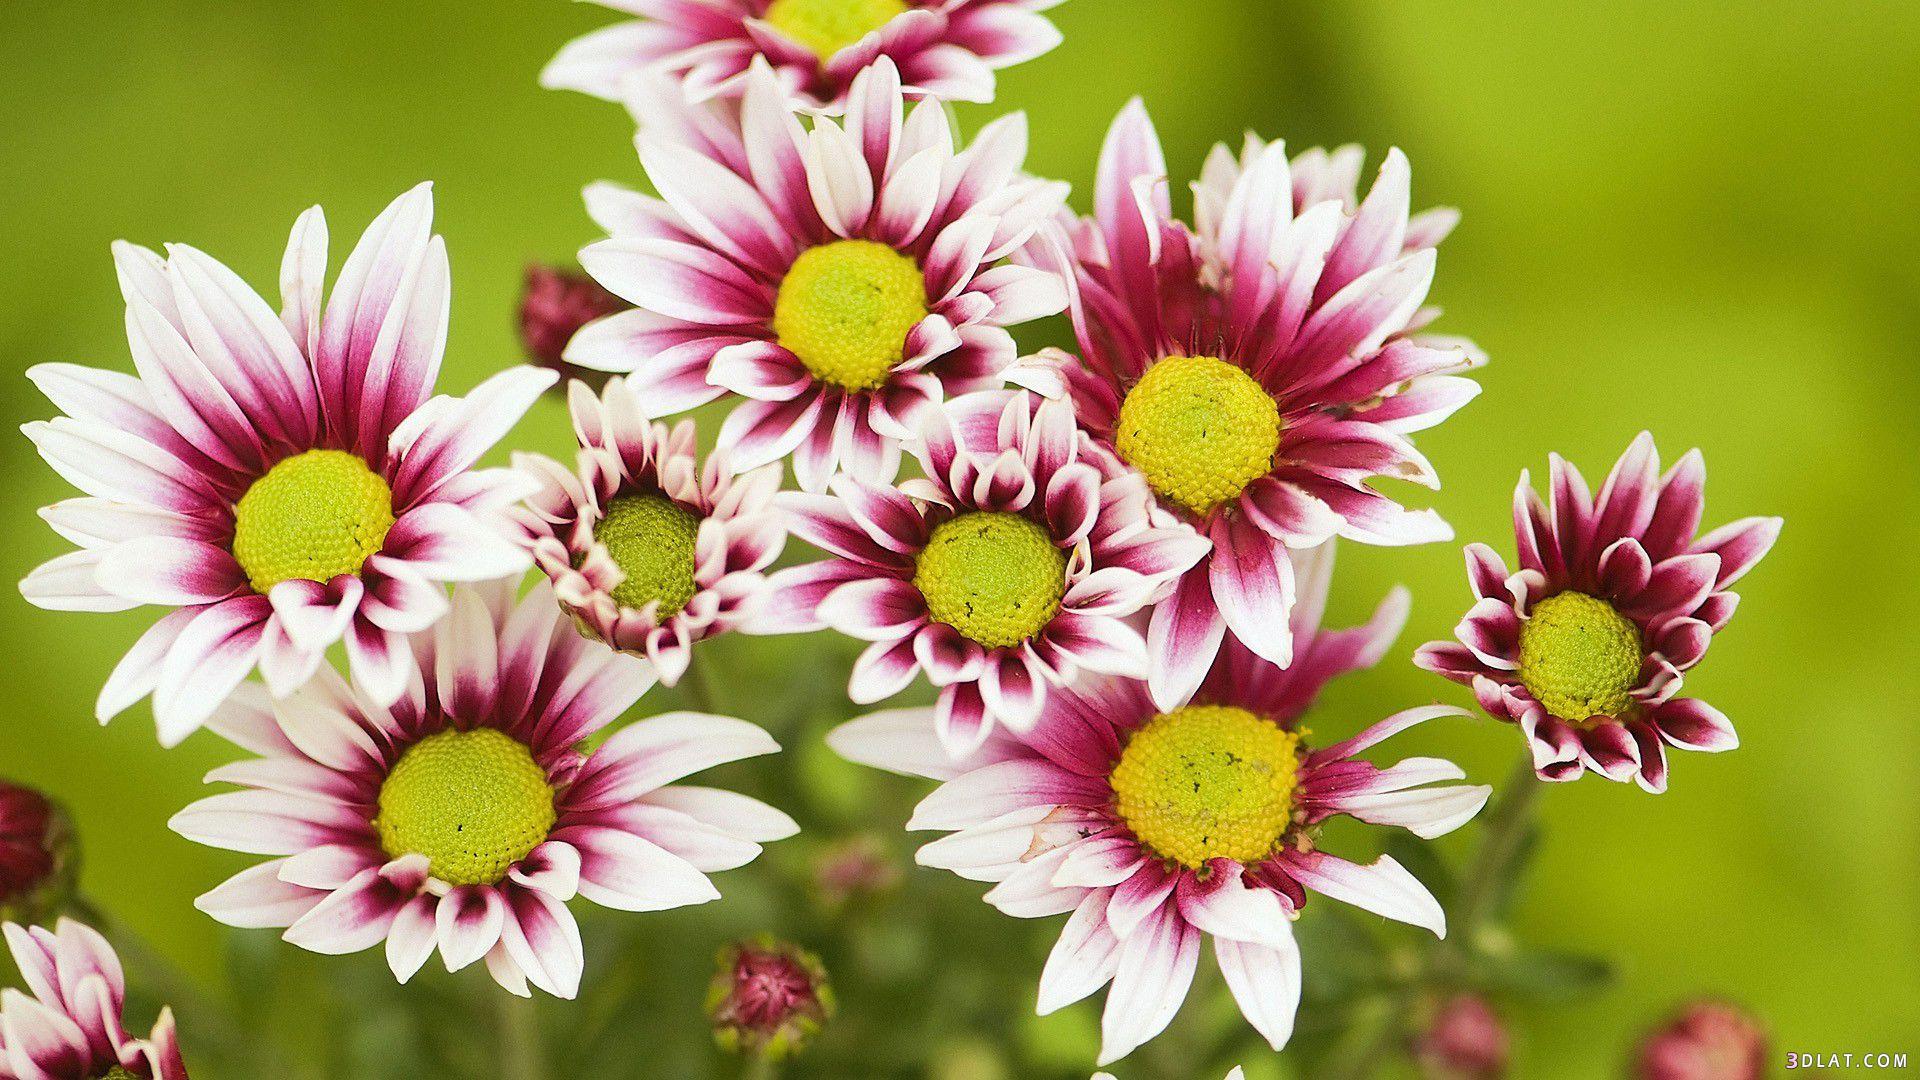 اكبر مجموعة الورد الرائعة لسطح المكتب 13661450871.jpg